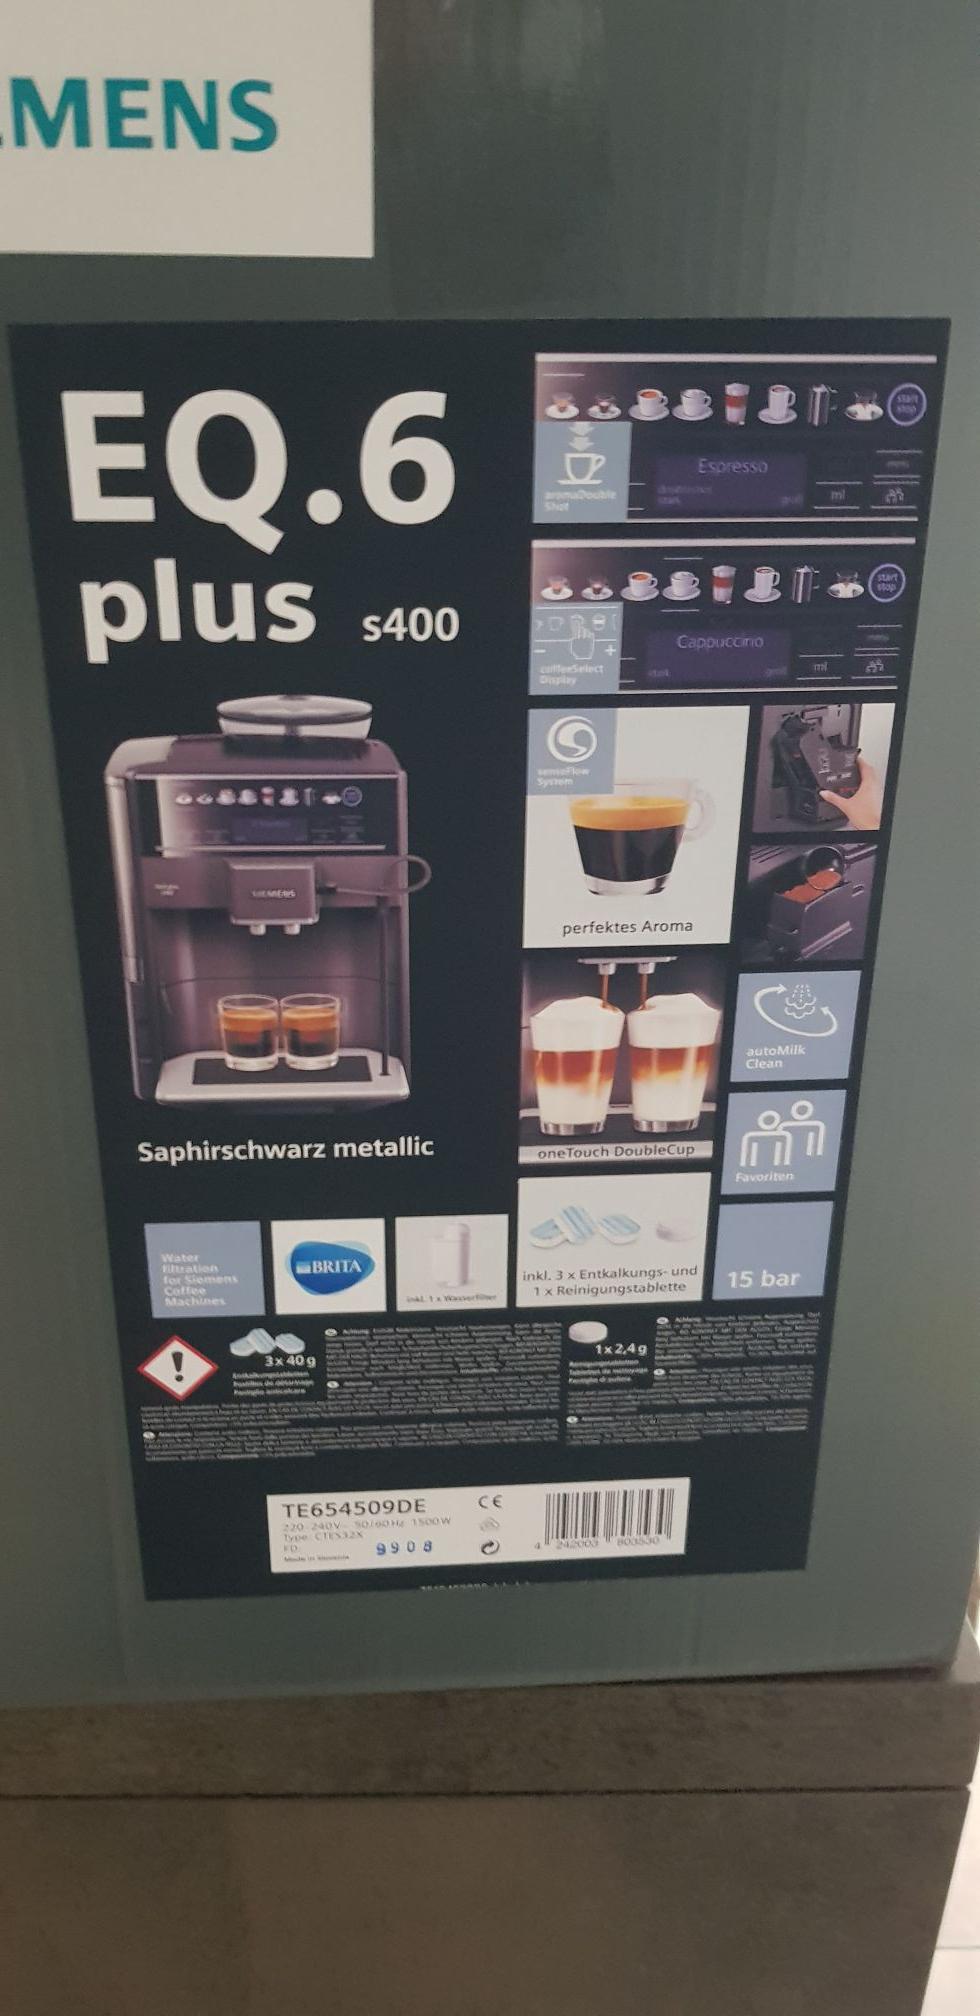 (Lokal Braunschweig) Für Uns Shop - Siemens EQ6 plus S400